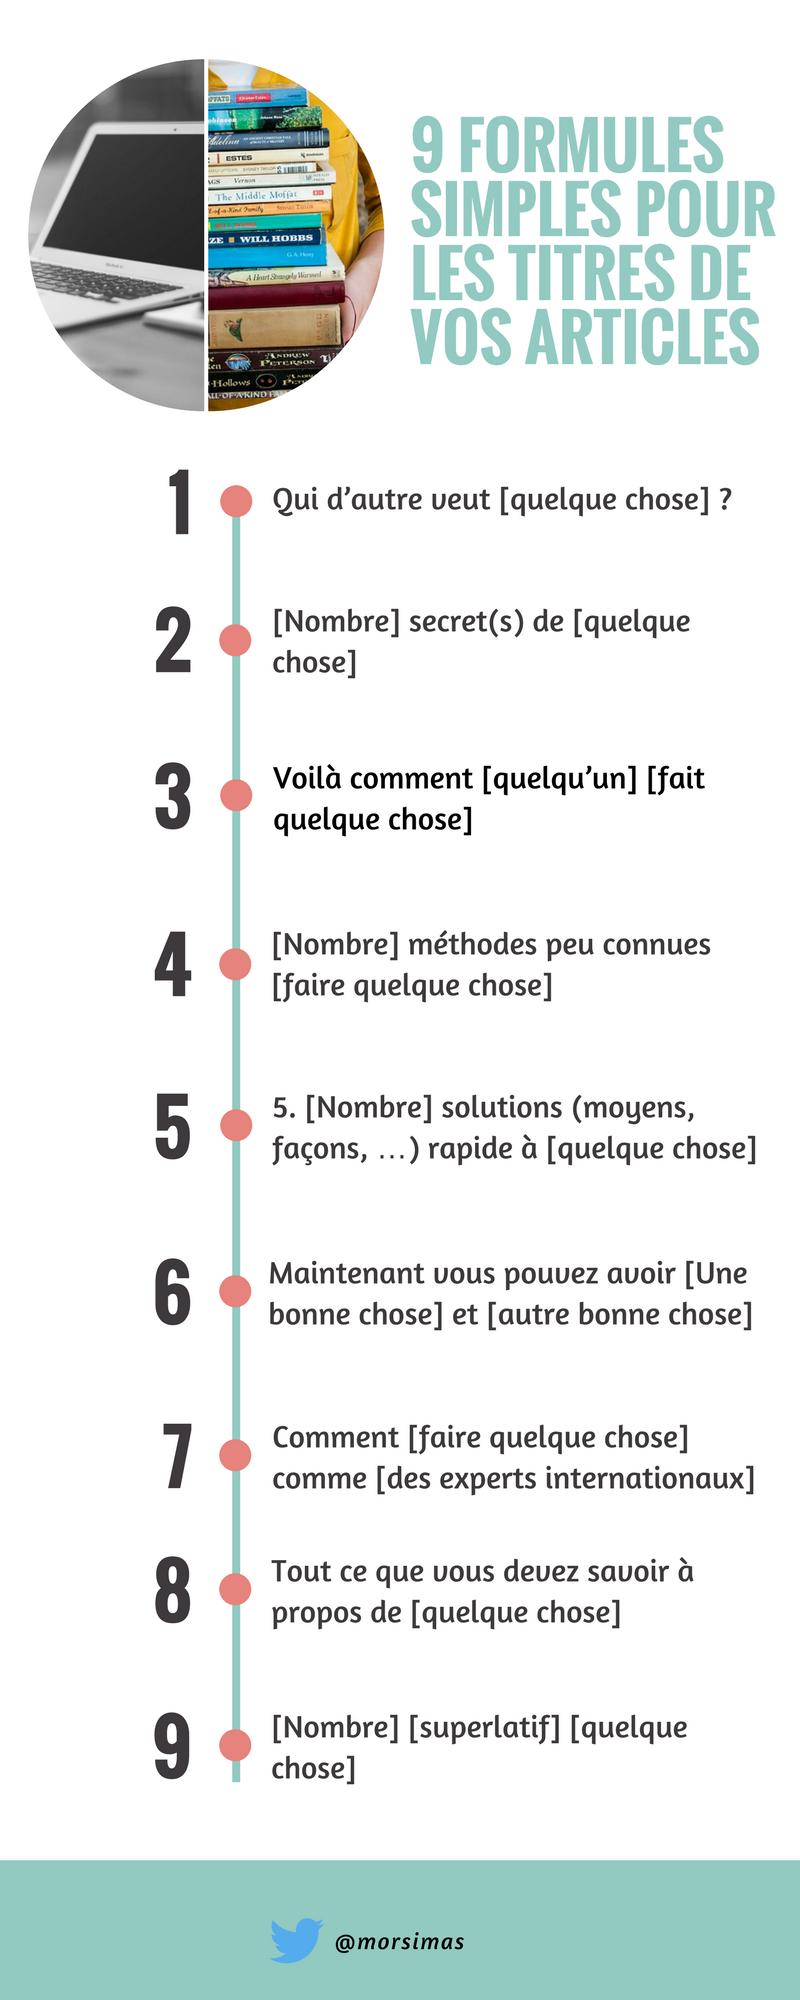 Infographie : 9 formules simples pour les titres de vos articles